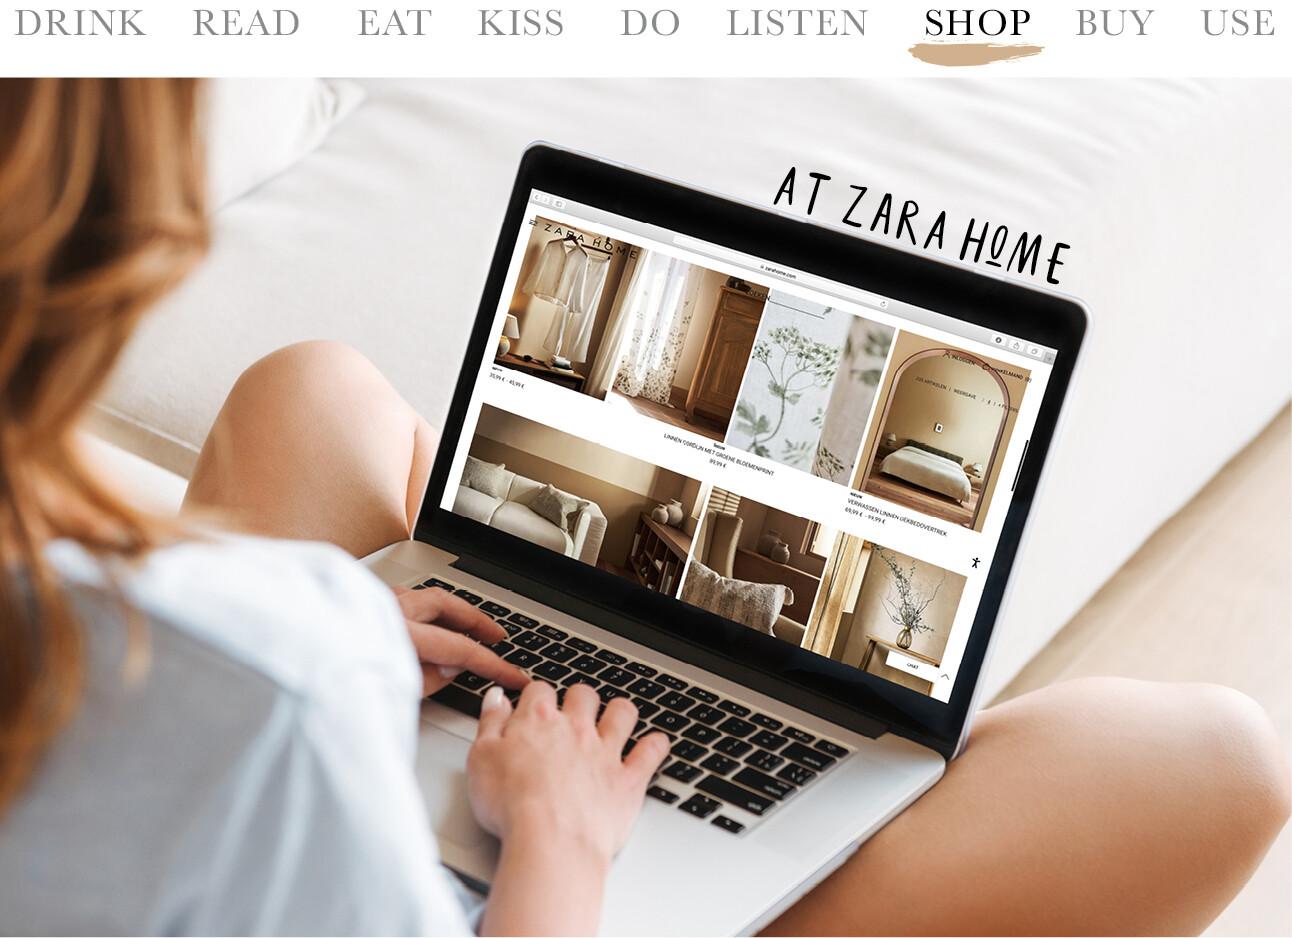 vrouw op laptop online shoppen bij zara home